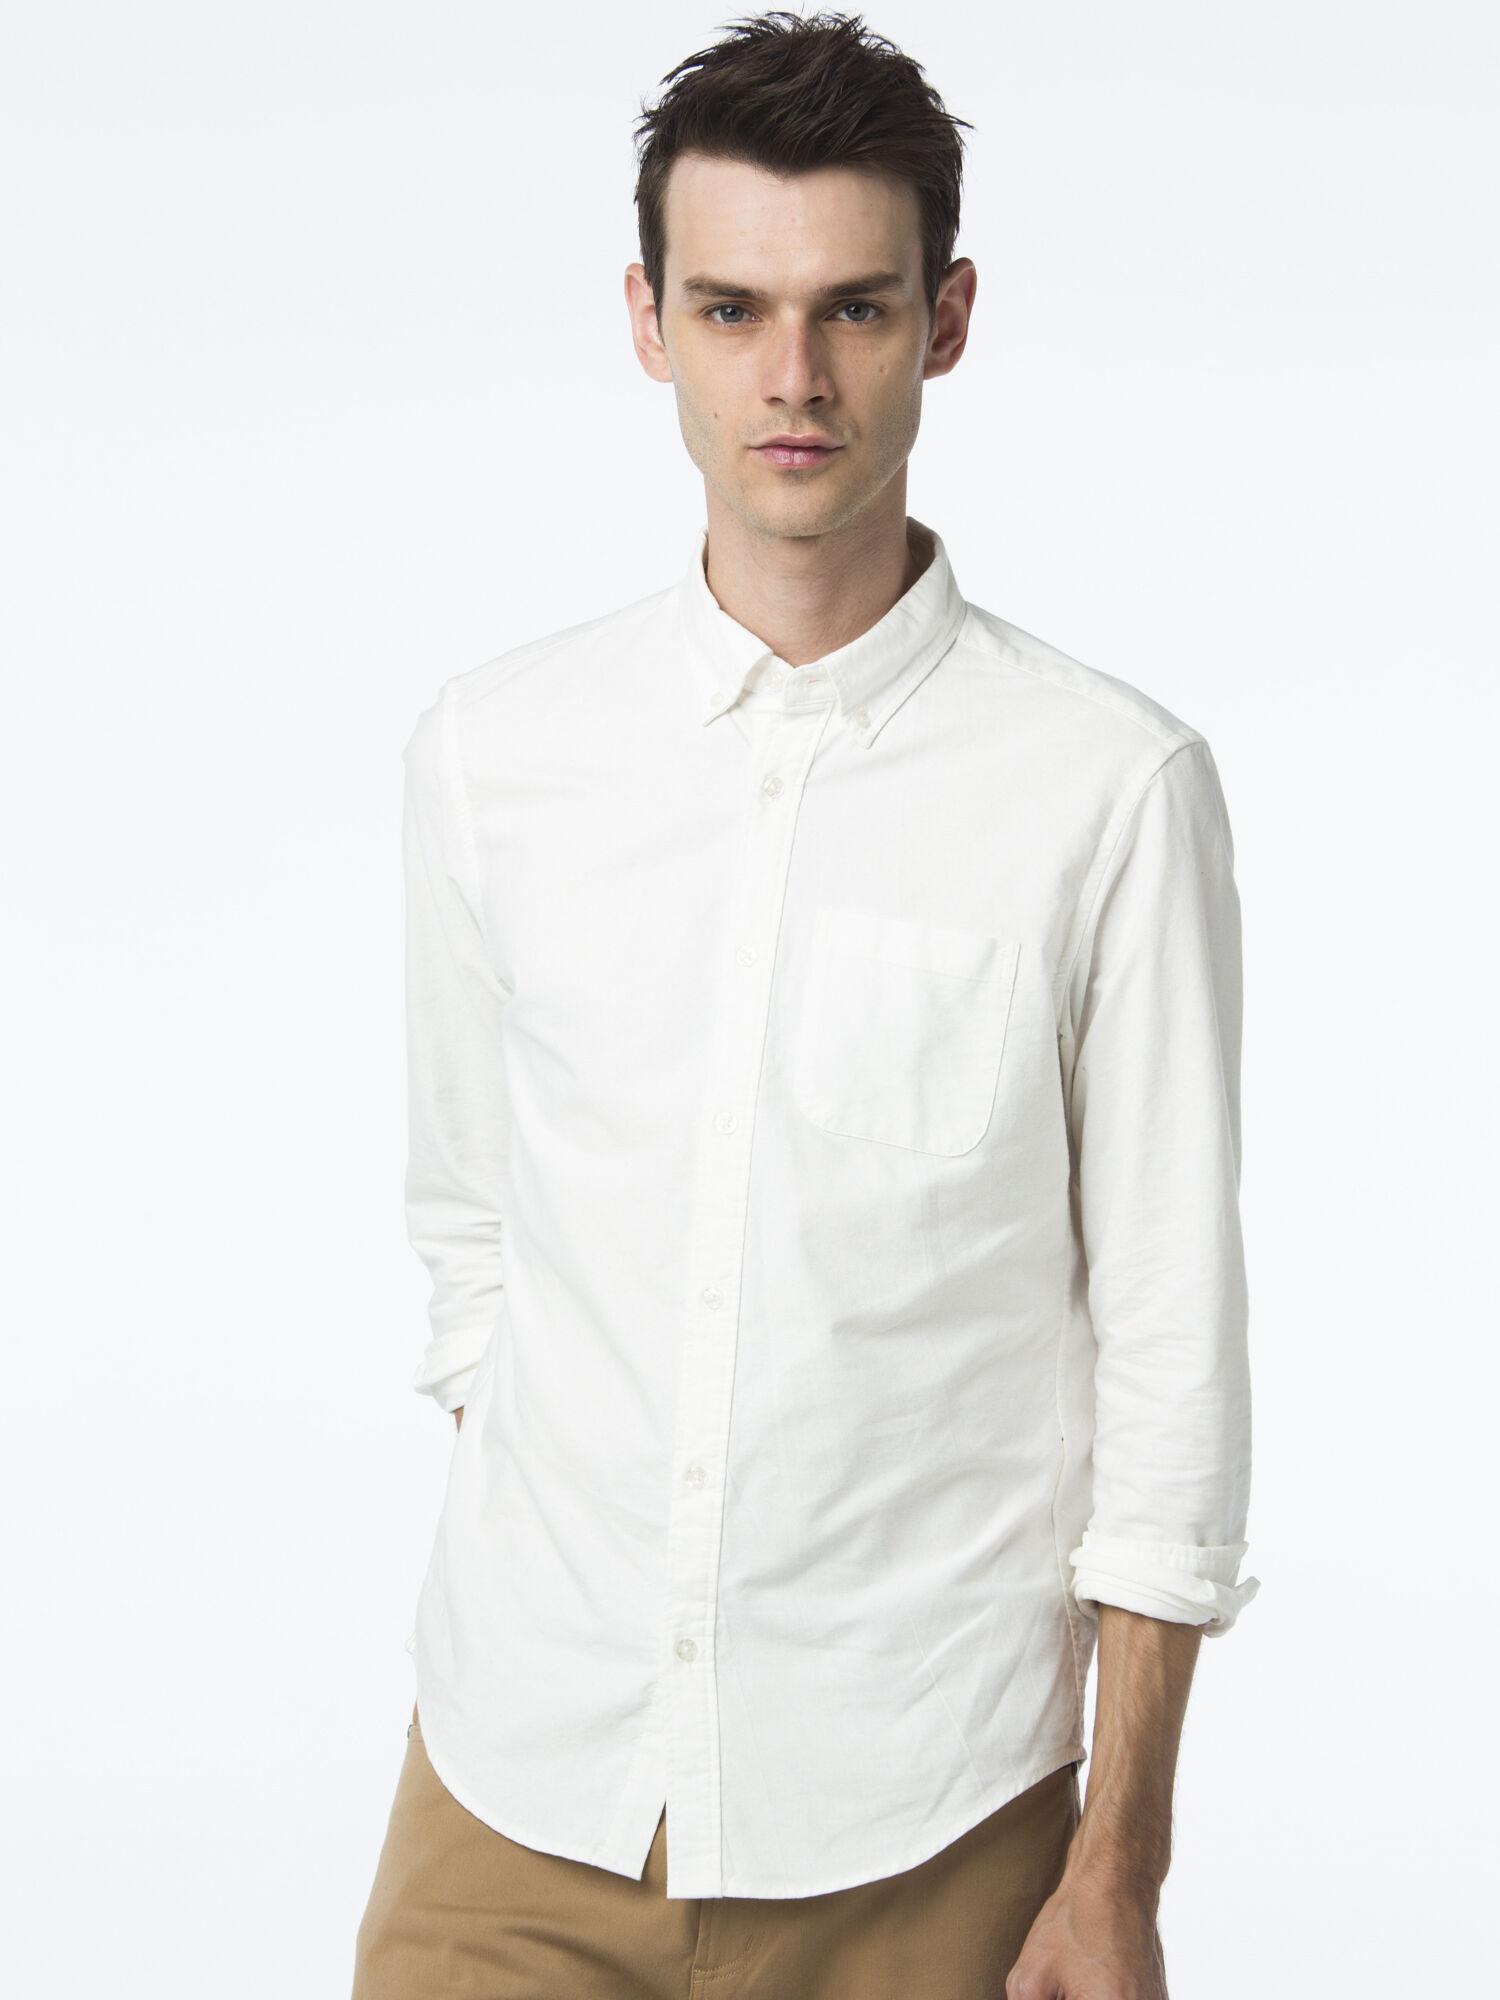 ・オックスリラックスシャツ